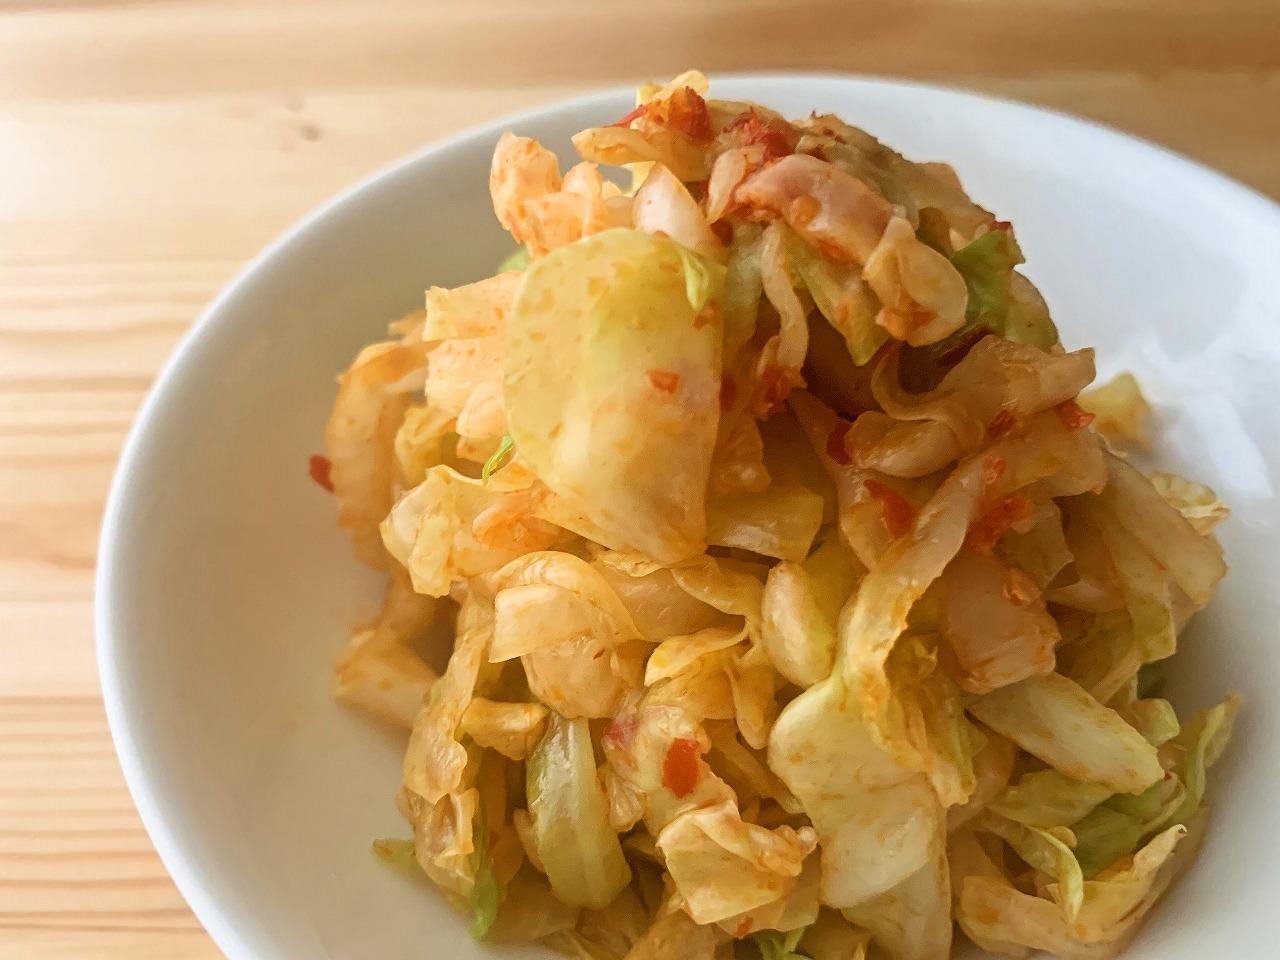 【野菜ひとつ】ピリ辛キャベツ